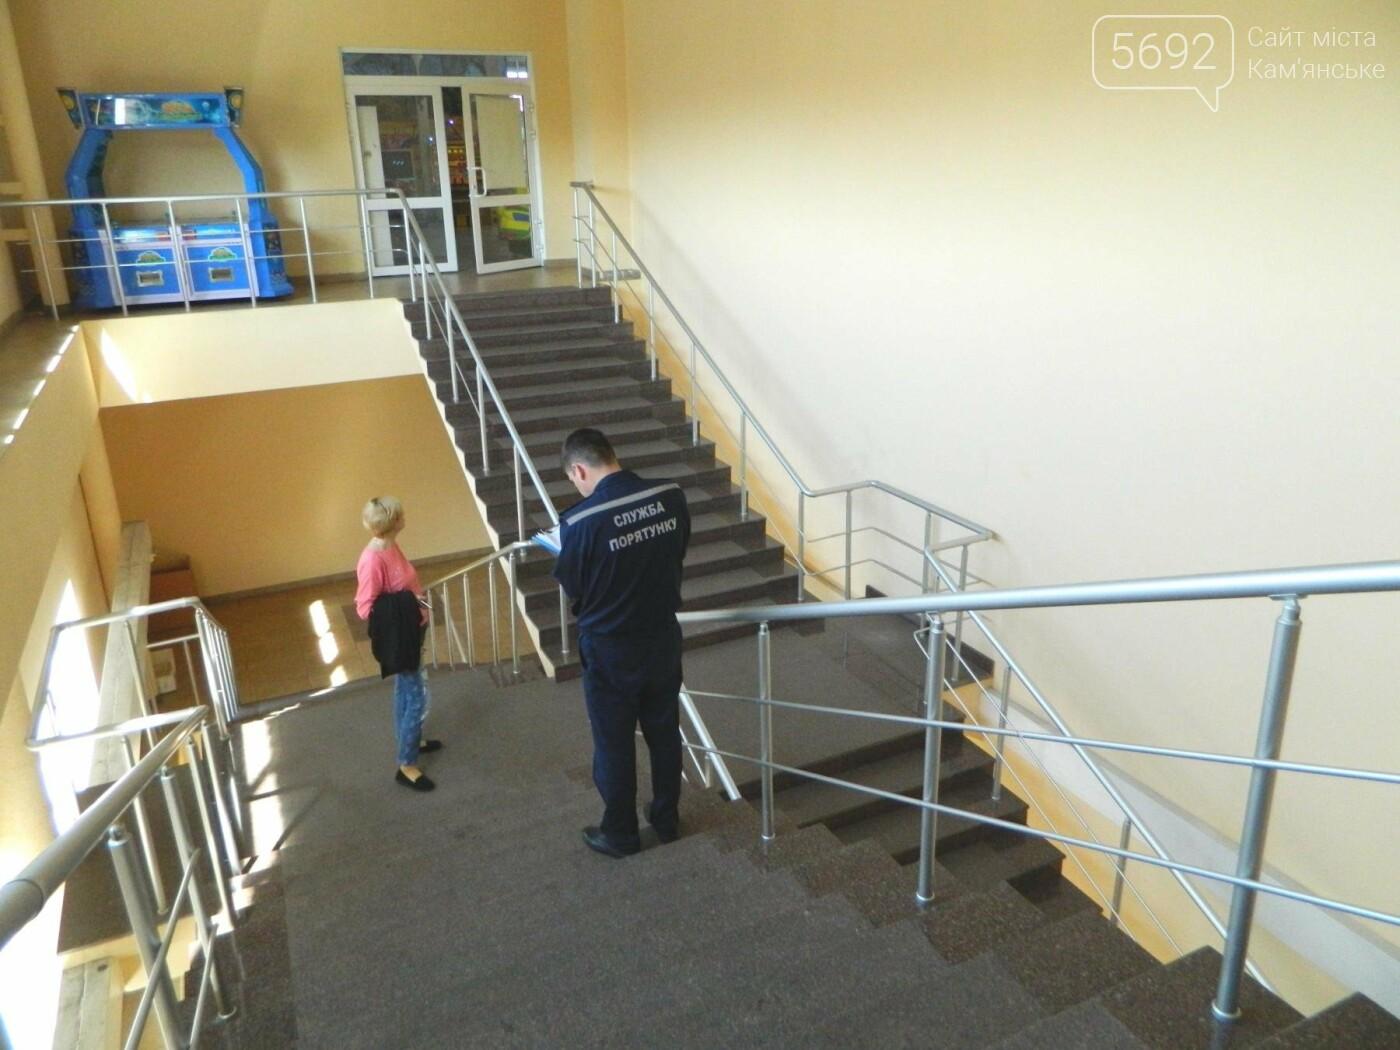 Спасатели Каменского внепланово проверили ТРК «ЦУМ», фото-4